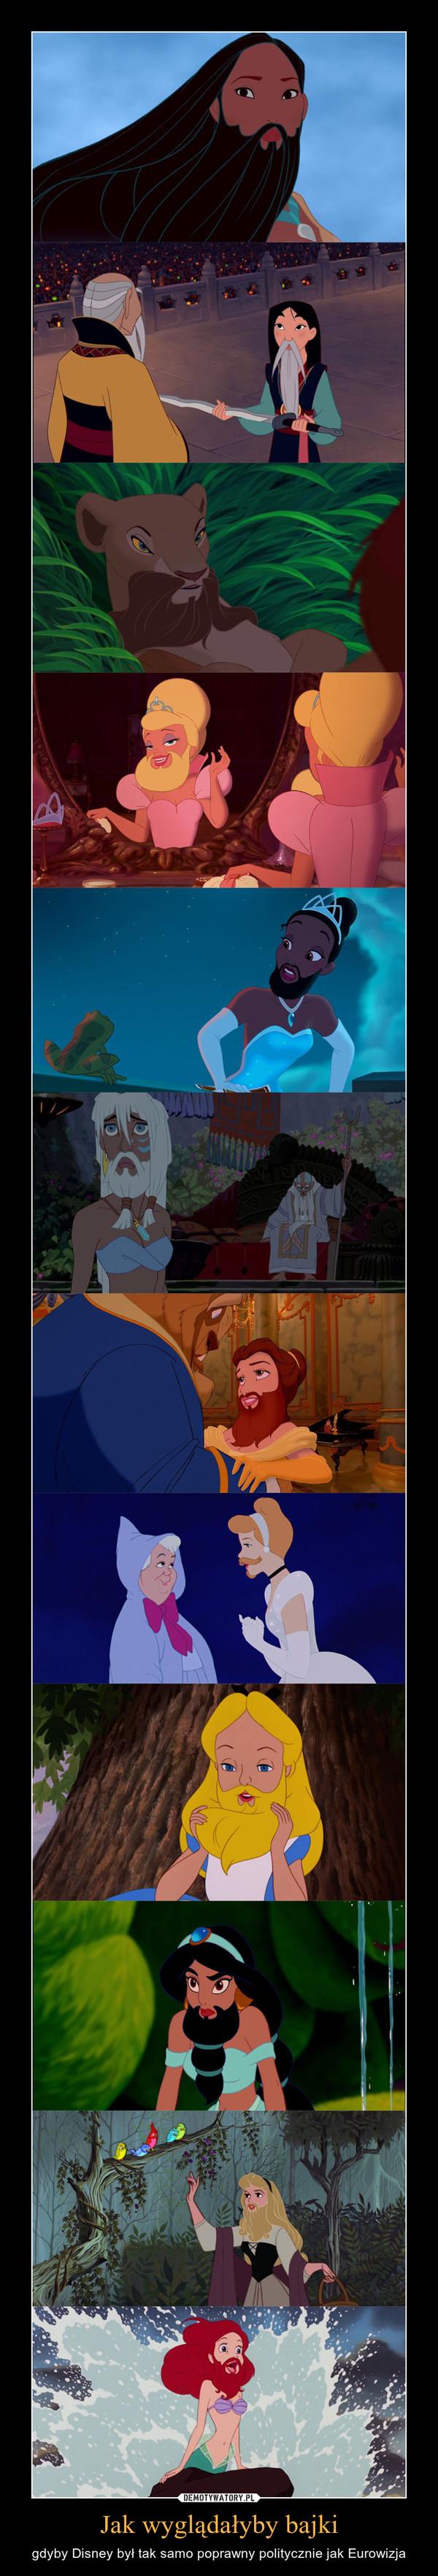 Jak wyglądałyby bajki – gdyby Disney był tak samo poprawny politycznie jak Eurowizja